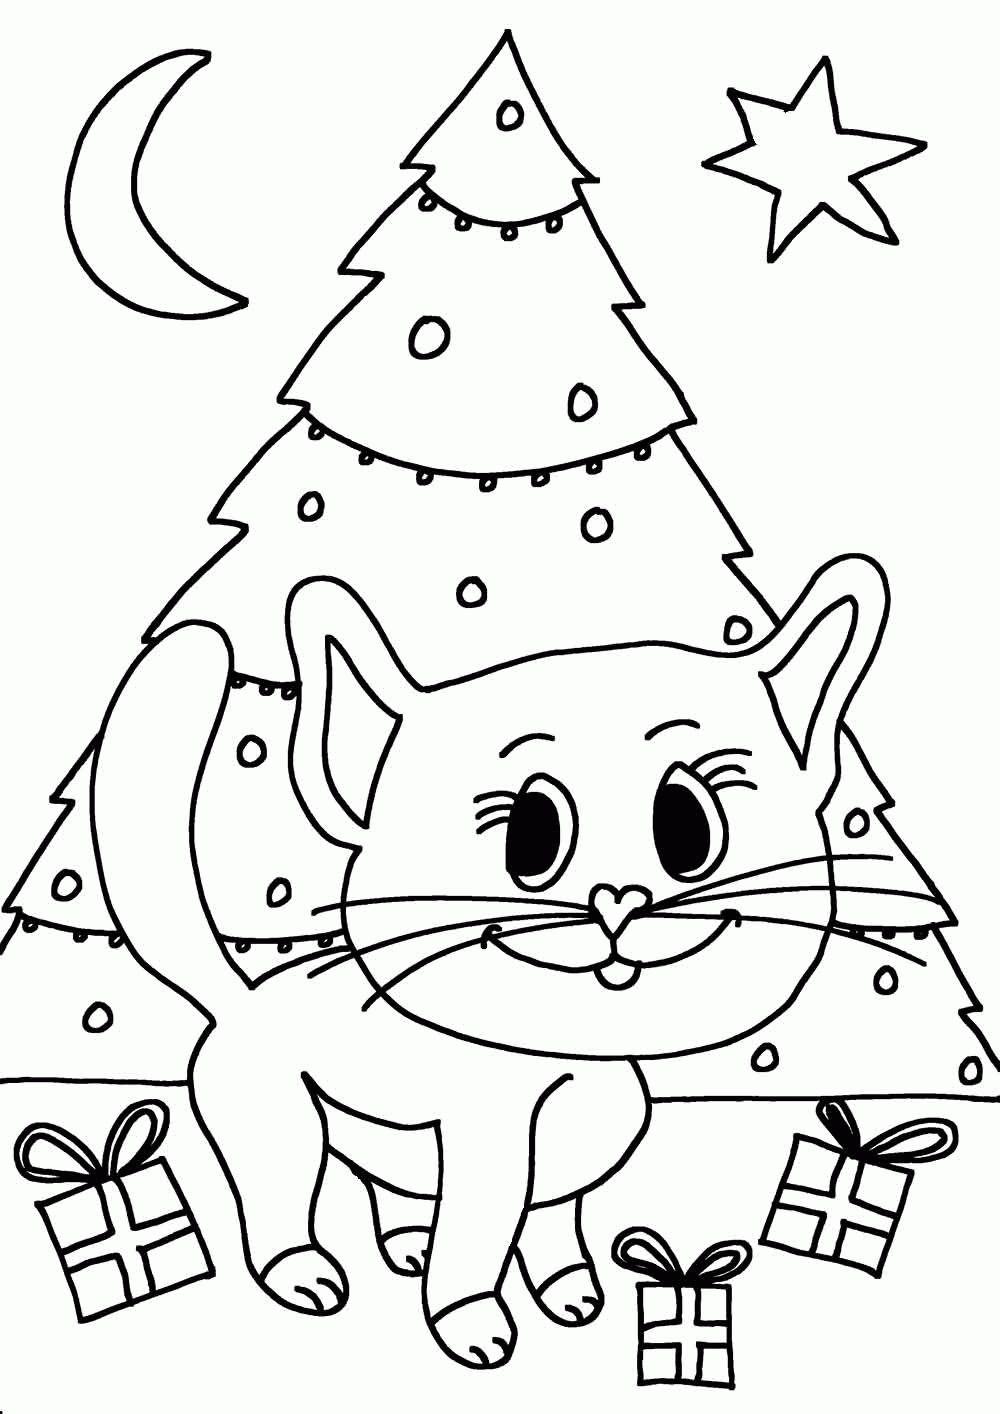 Kleurplaat Poes Kerst Ik Wil Een Poes Nl Idee Kleurplaten Kerstman 20 Idee Kleurplaten Kerstman Kleurplaten Mandala Kleurplaten Kerstman